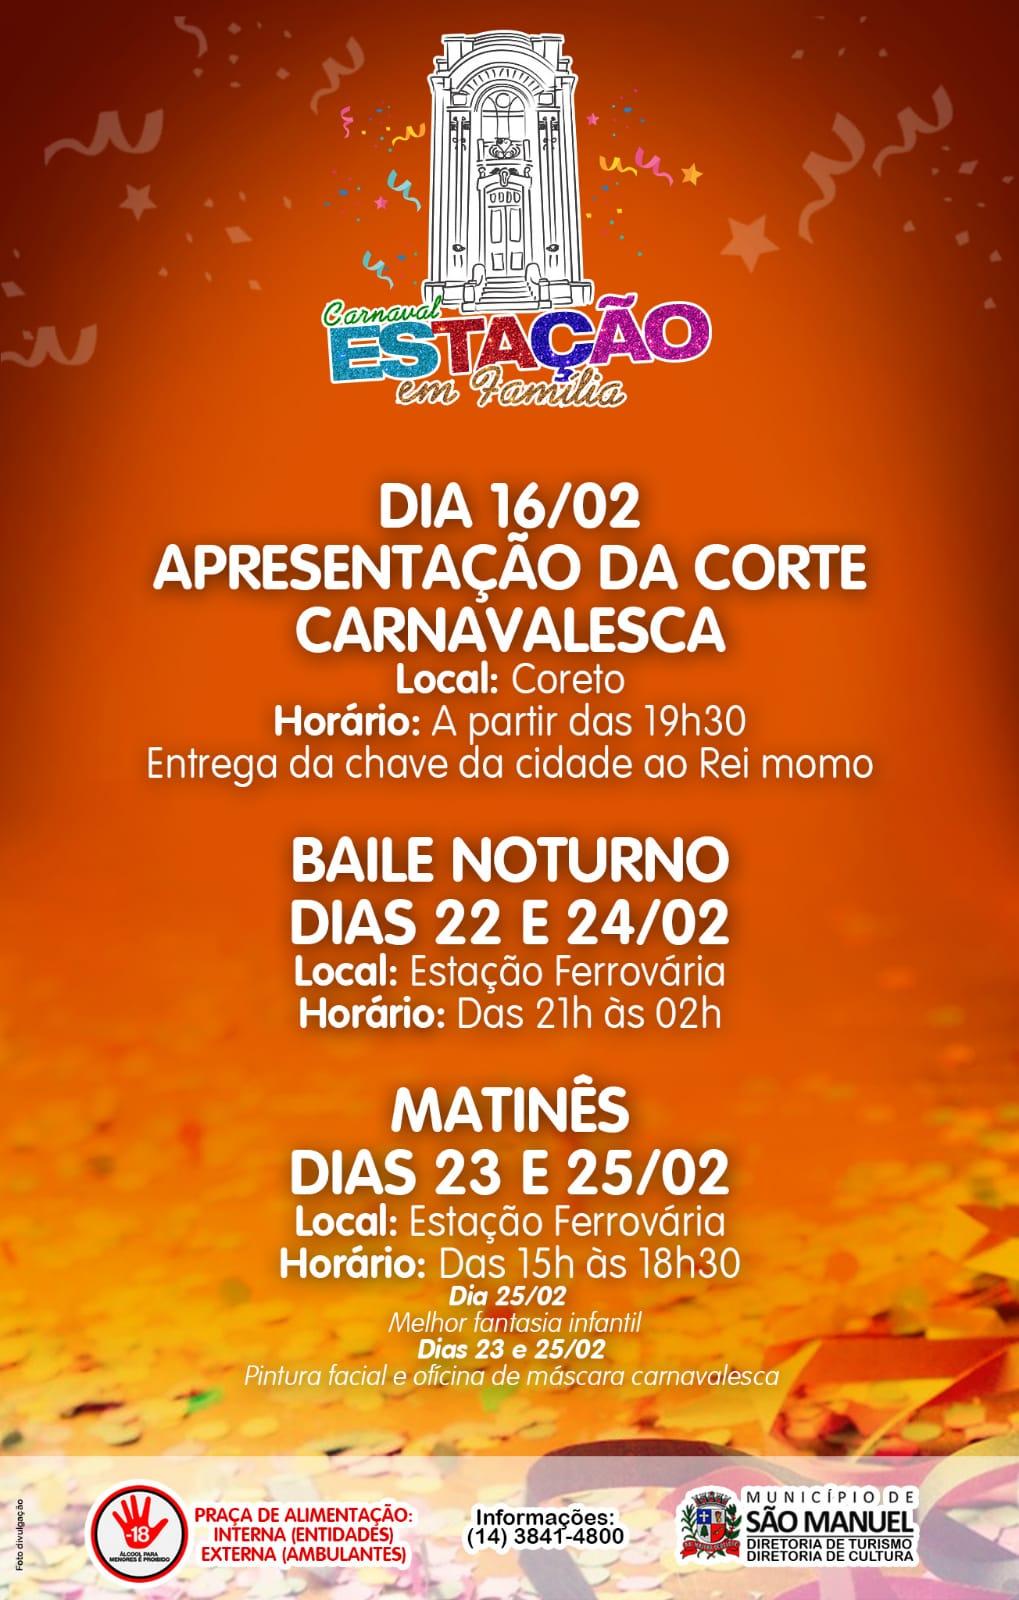 Confira a programação do Carnaval 2020 em São Manuel